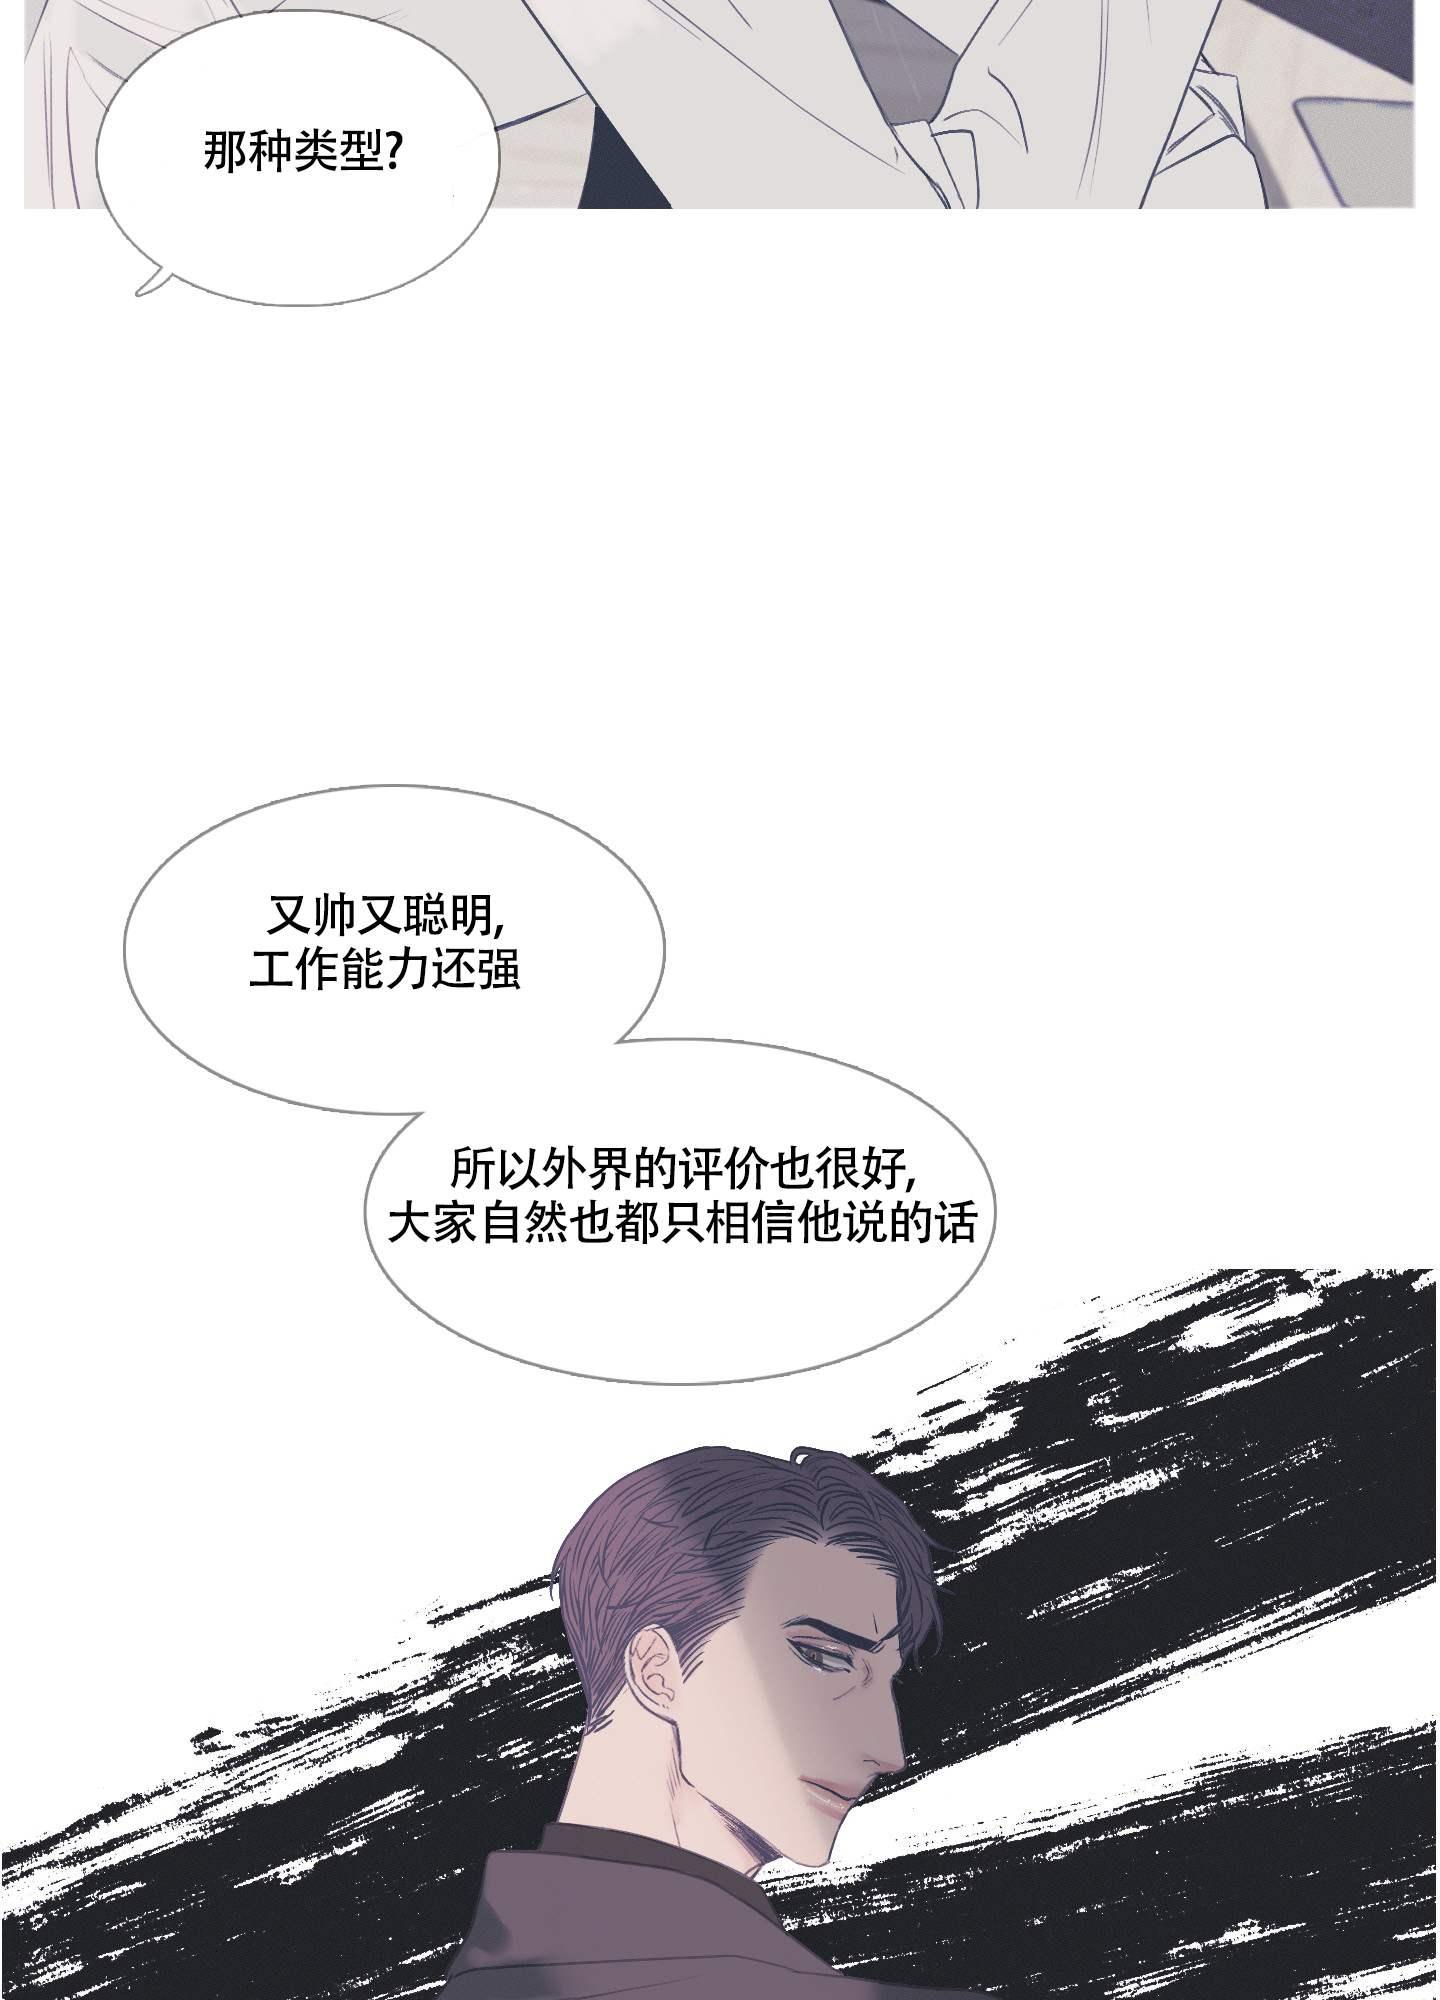 韩漫《异界关系》超H的录像play,边拍边动